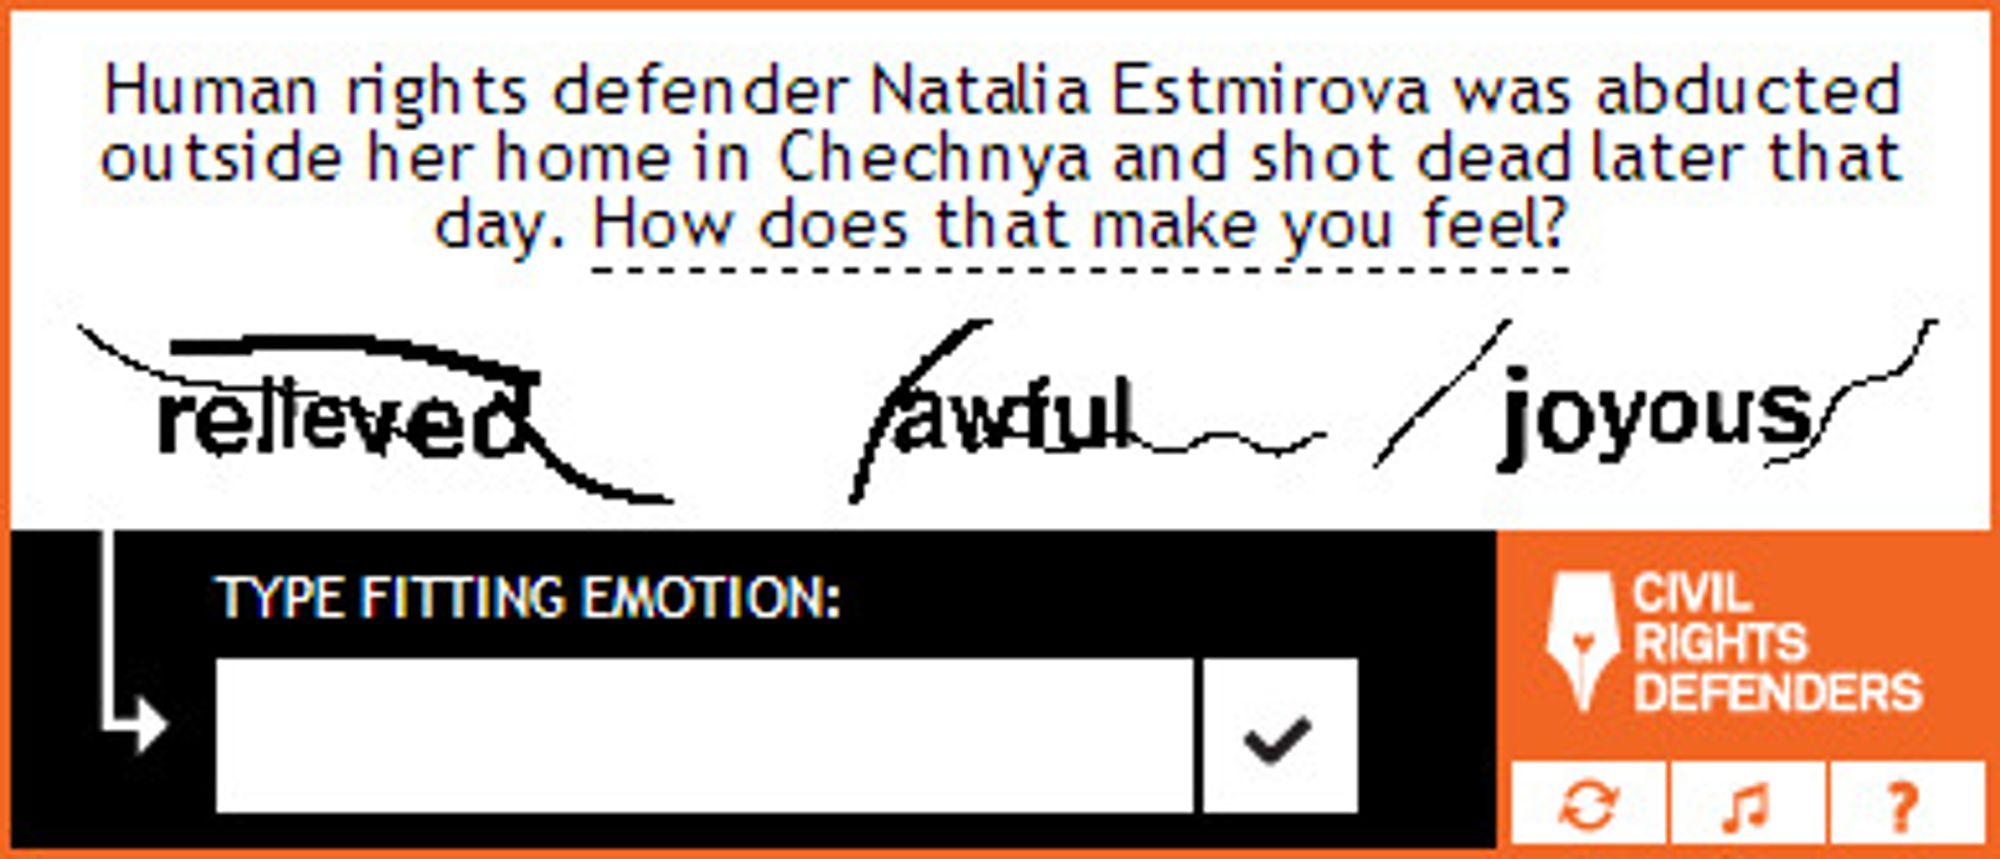 Den russiske menneskerettighetsaktivisten Natalja Estemirova ble bortført utenfor hjemmet sitt i Tsetsjenia. Hun ble senere funnet skutt og drept. Hva føler du om det? spør CAPTCHA-systemet og foreslår alternativene «lettet», «forferdelig» og «glad».